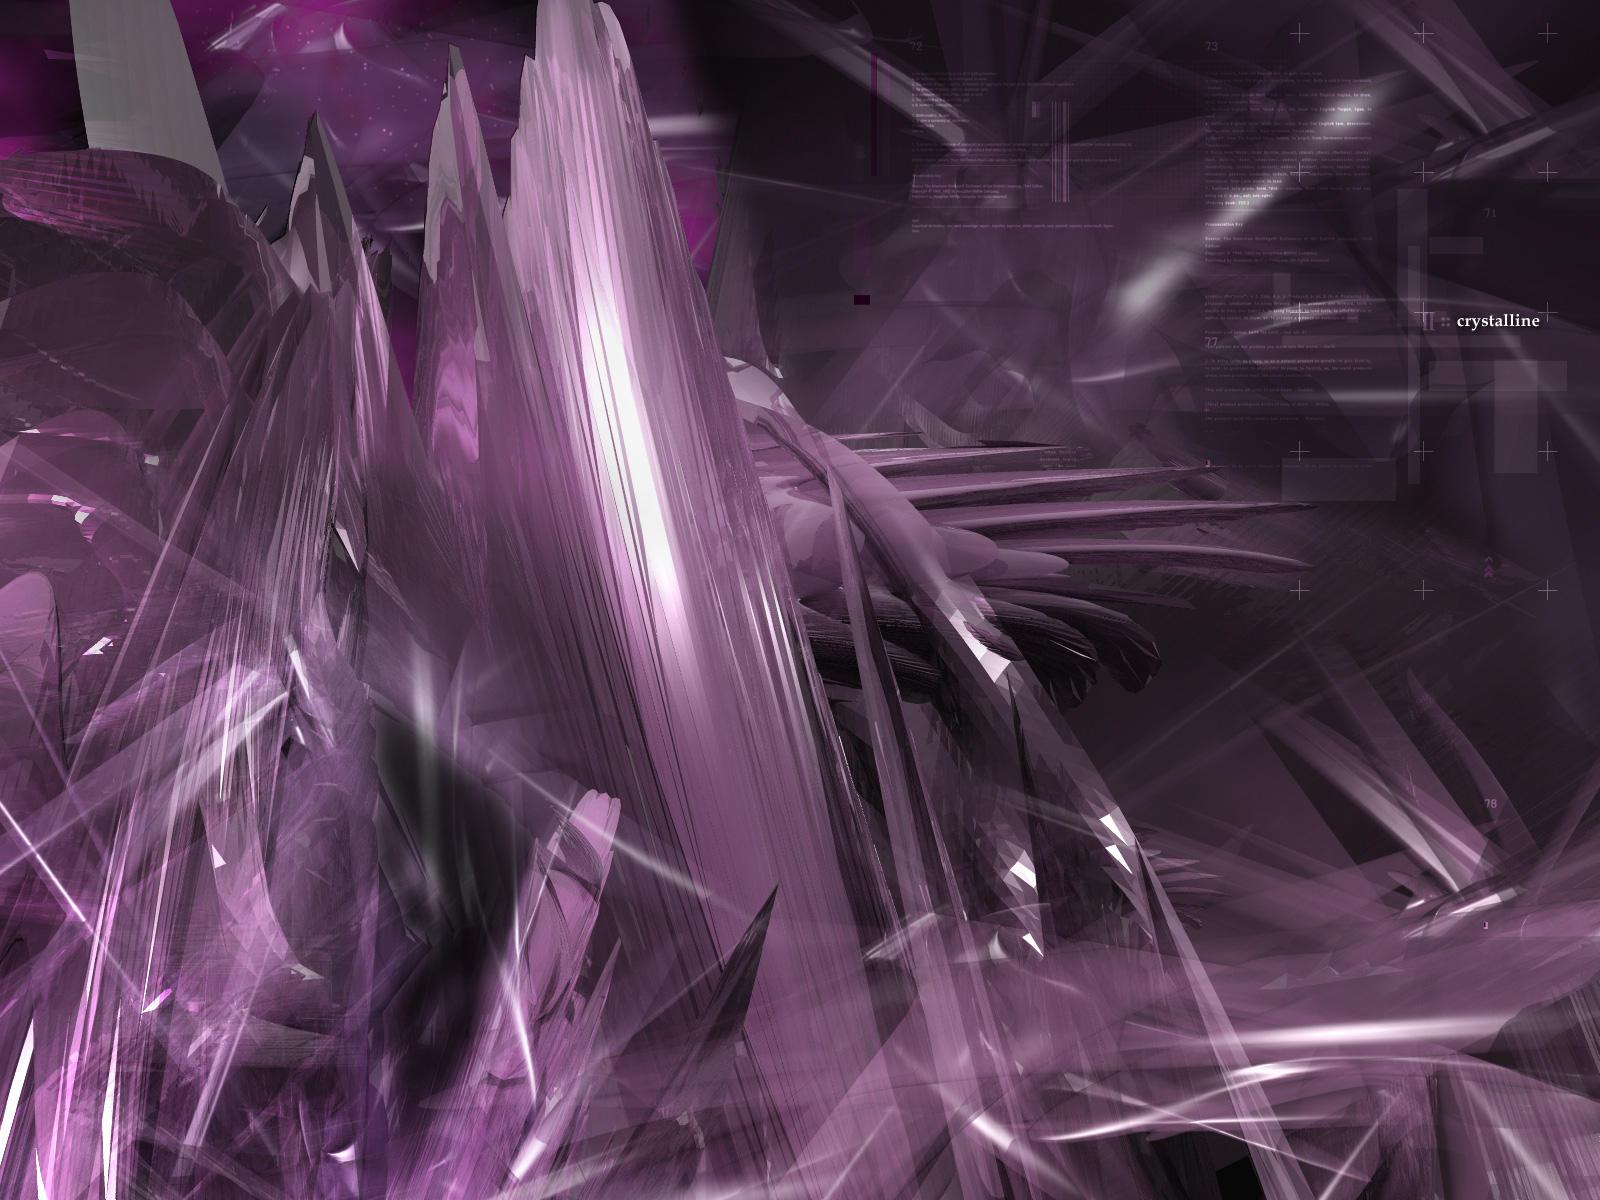 Crystalline by niteangel